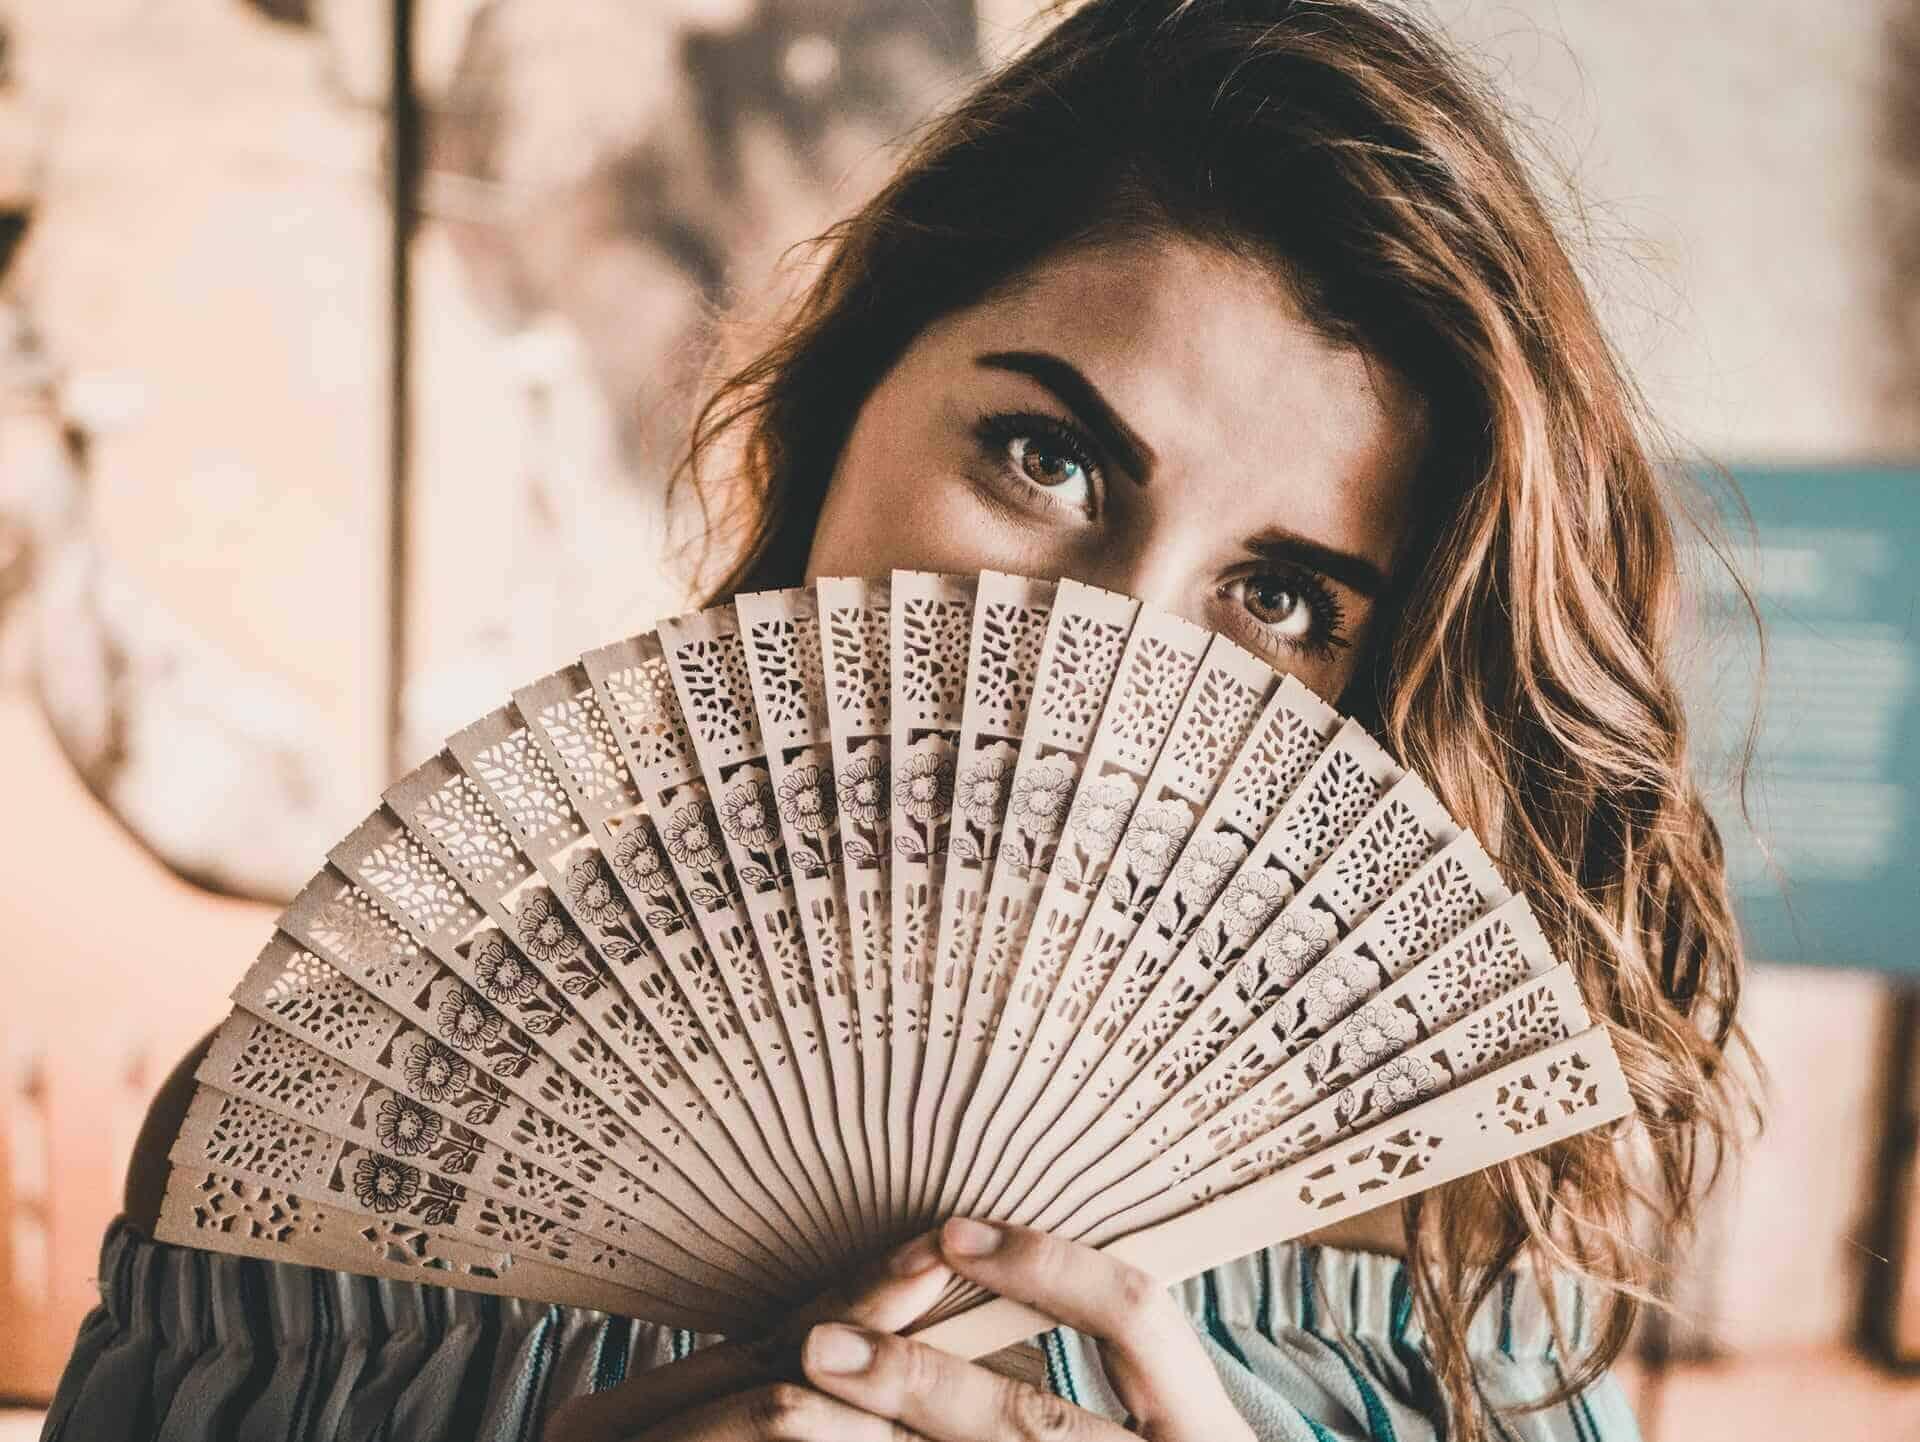 Abanico - Spanish Fans